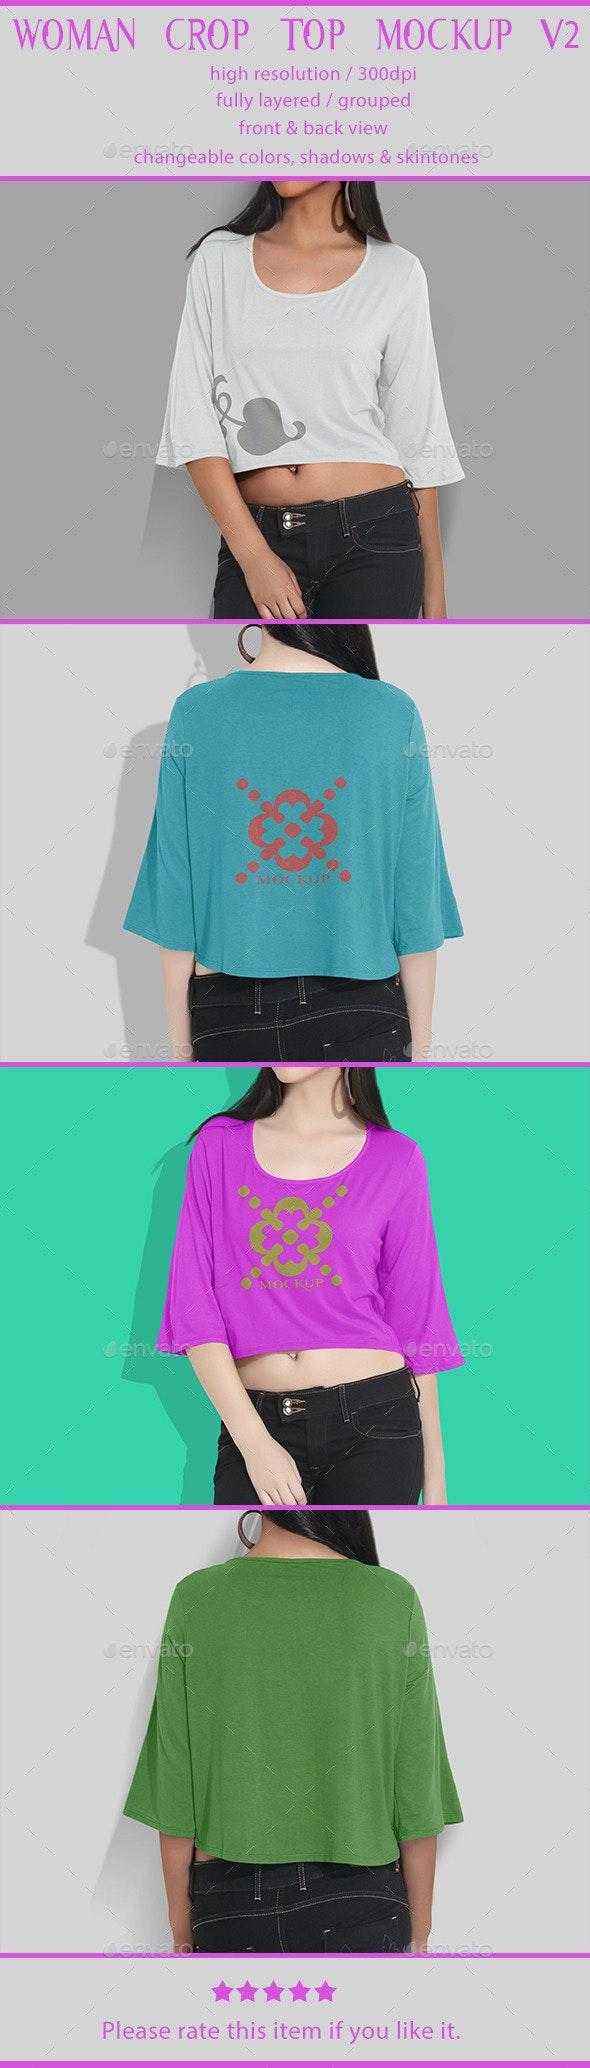 Woman Crop Top Mockup V2 - T-shirts Apparel